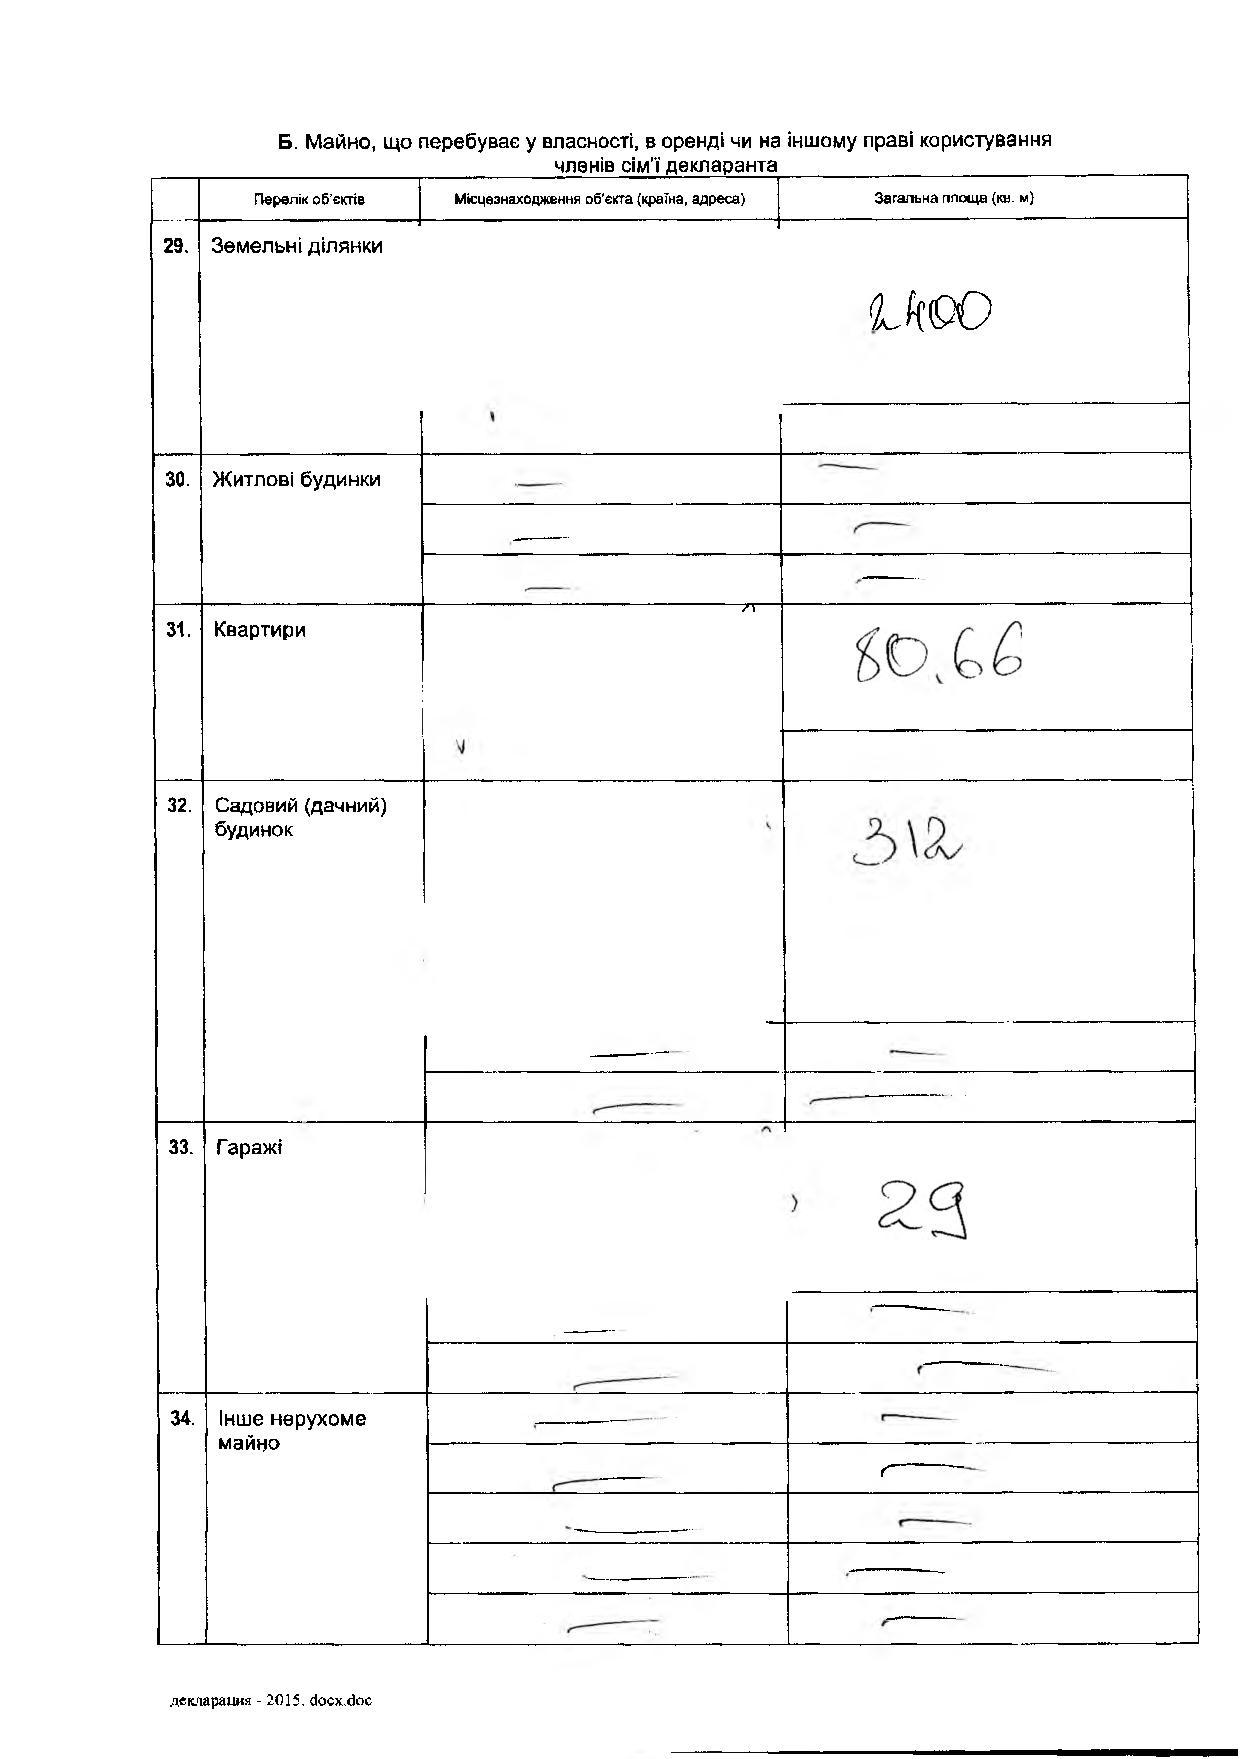 """Оснований обвинять Порошенко в неуплате налогов нет. Все заявления оказались """"мыльными пузырями"""", - Луценко - Цензор.НЕТ 5909"""